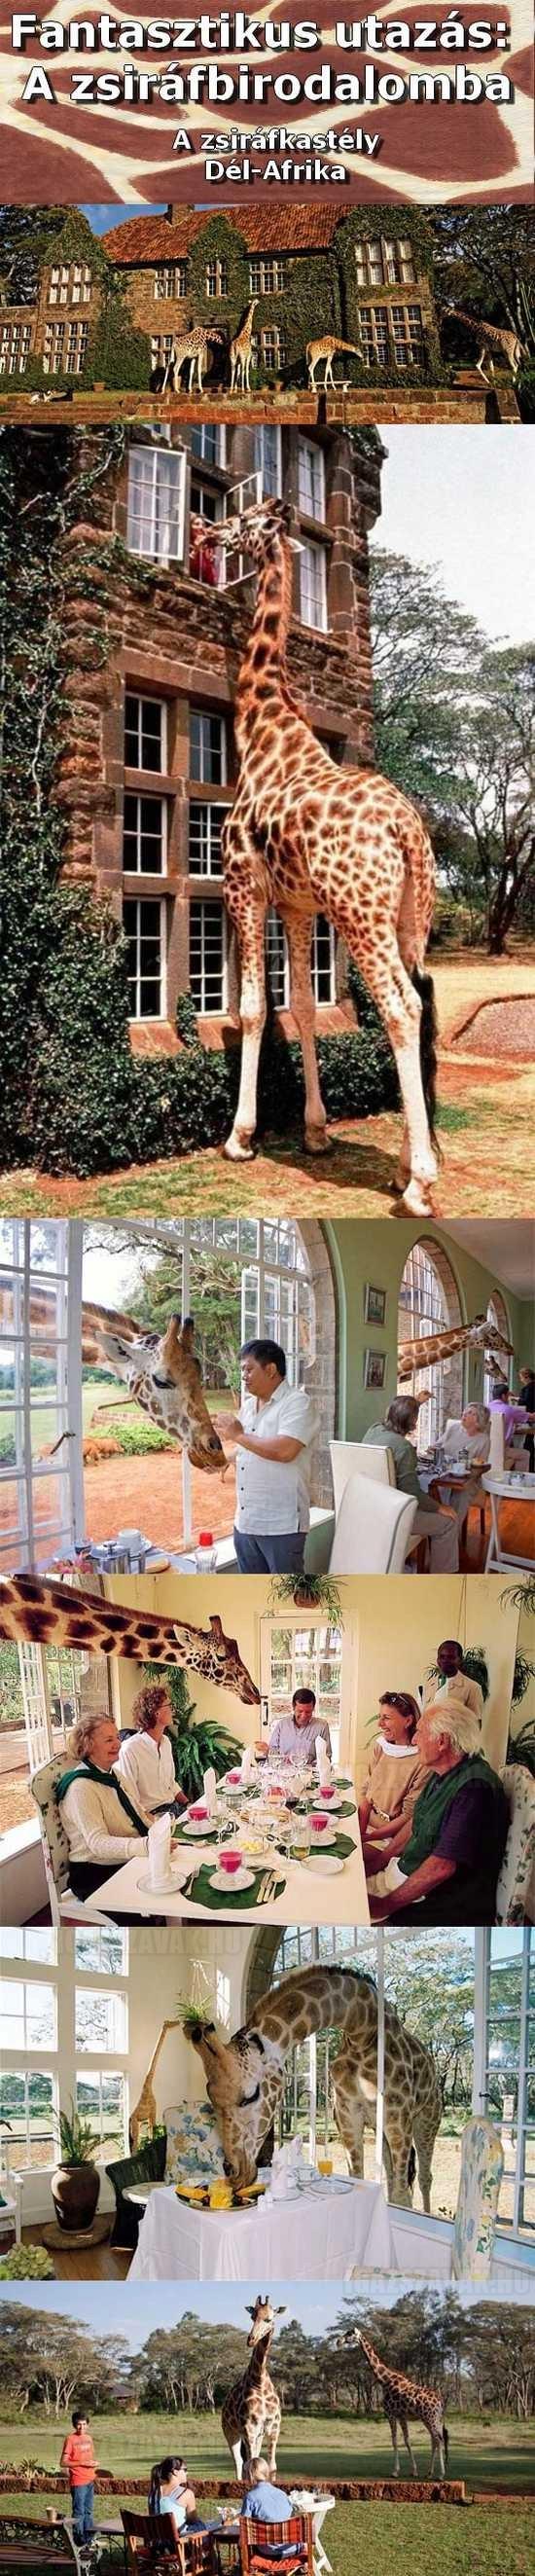 ahol együtt lóghatsz a zsiráfokkal